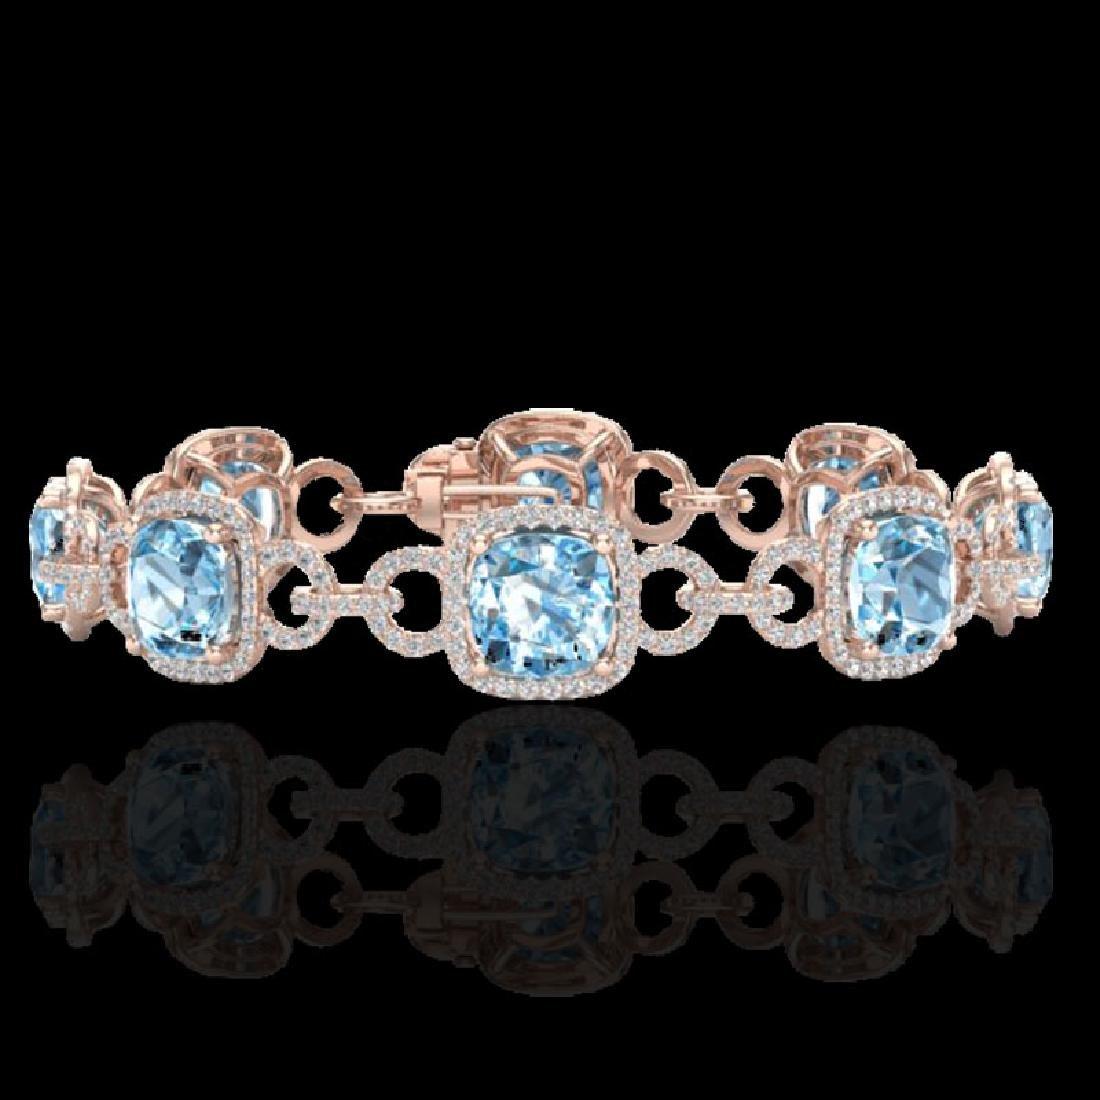 30 CTW Topaz & Micro VS/SI Diamond Bracelet 14K Rose